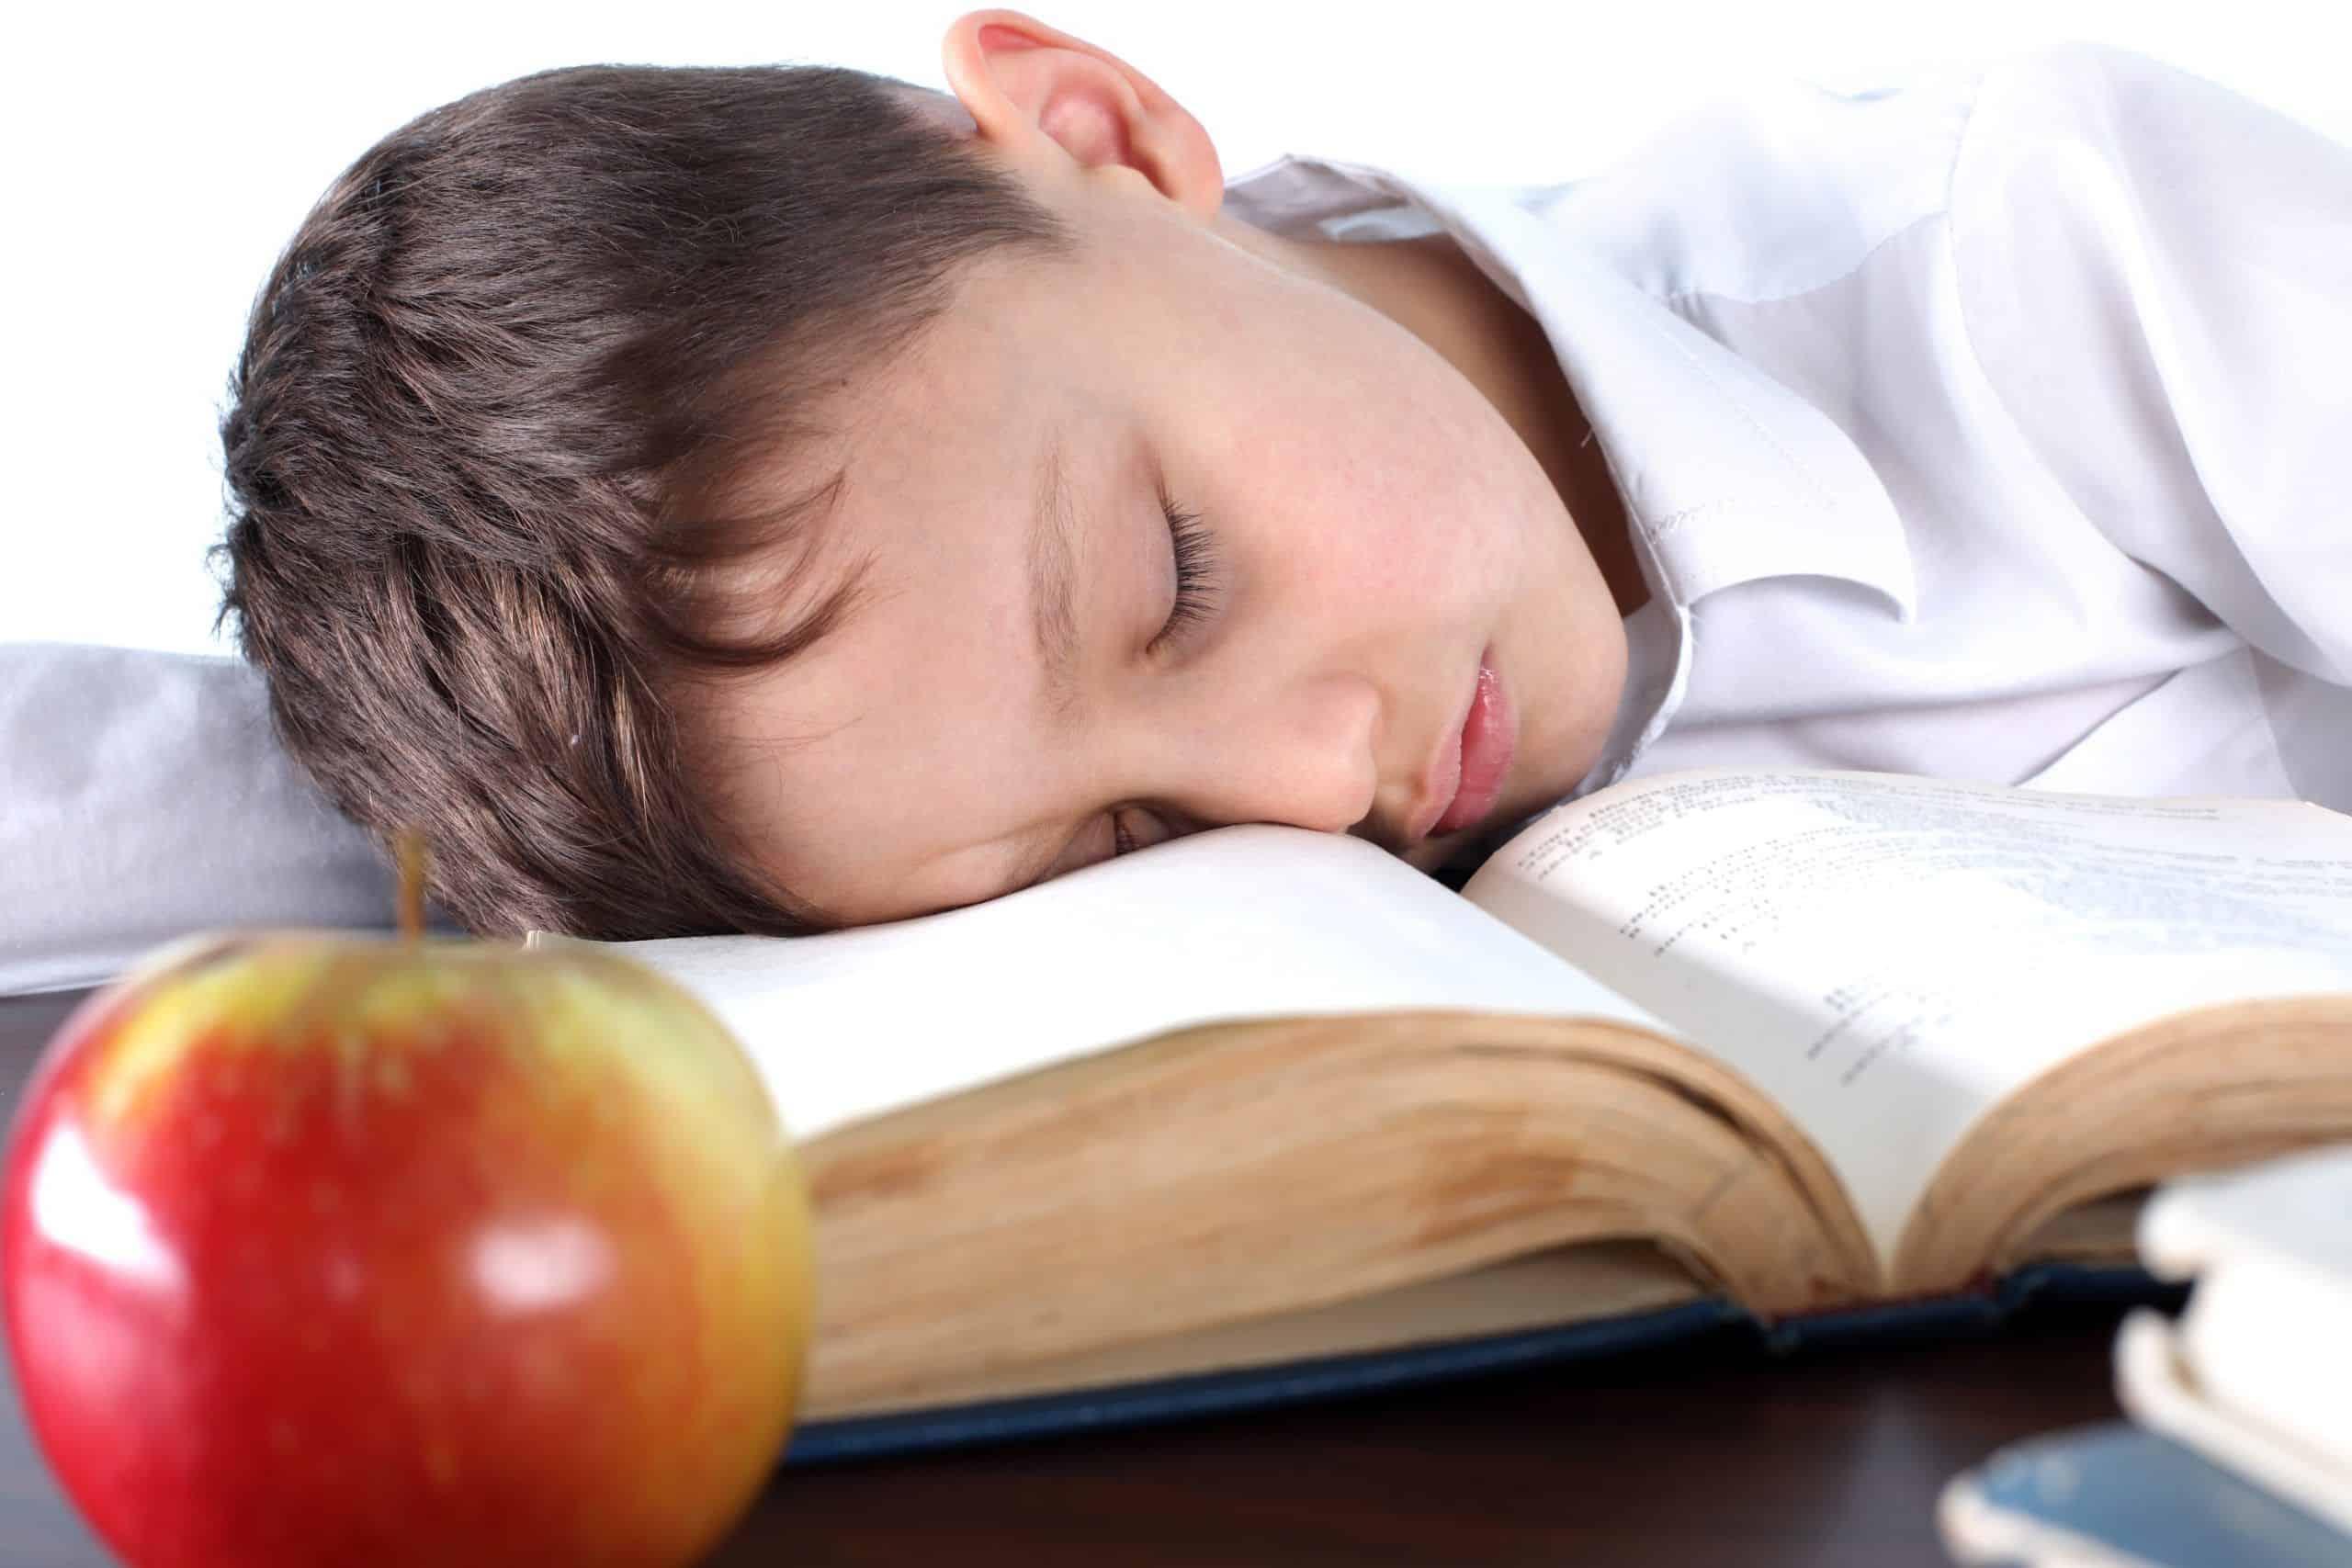 11 Η υπνική άπνοια στα παιδιά μπορεί να δημιουργήσει προβλήματα στην ανάπτυξή τους